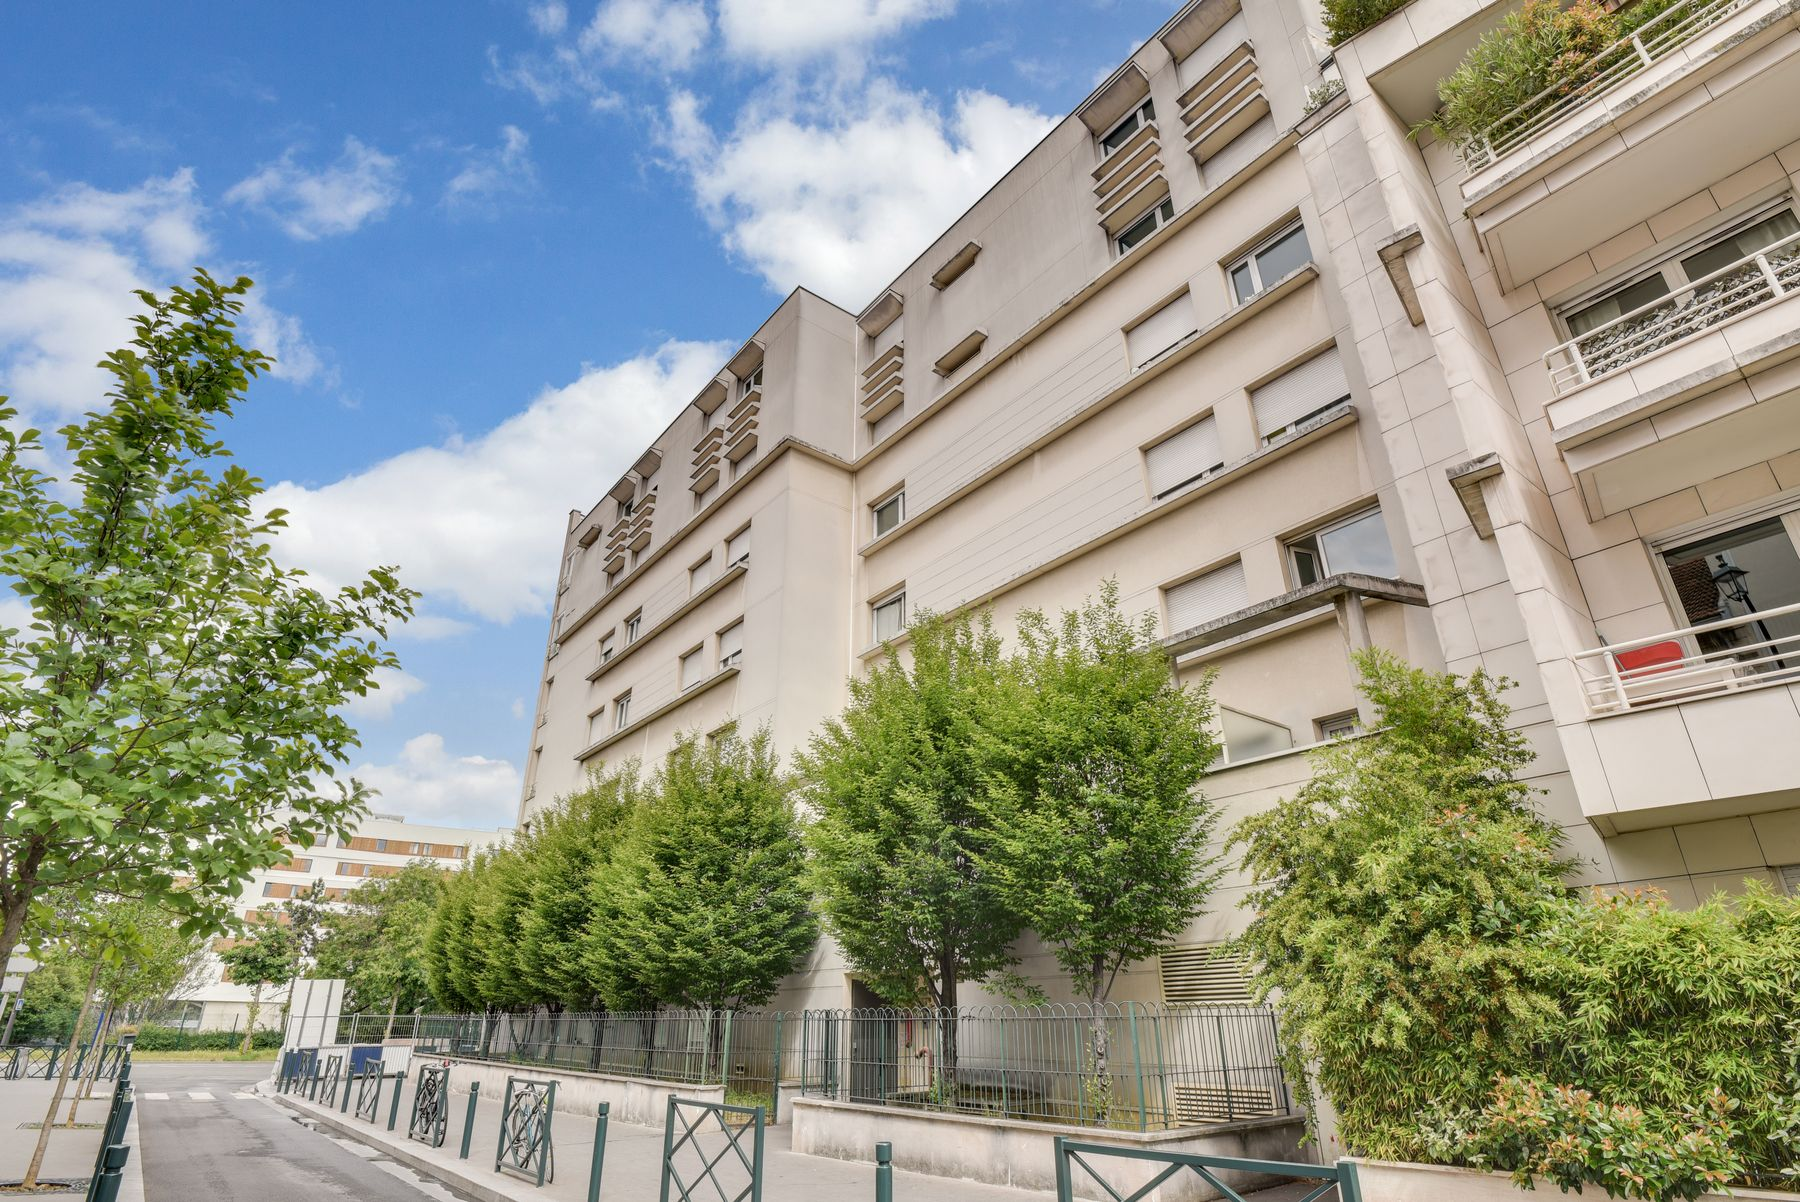 LOGIFAC résidence étudiante Saint-Mandéen Paris localisation